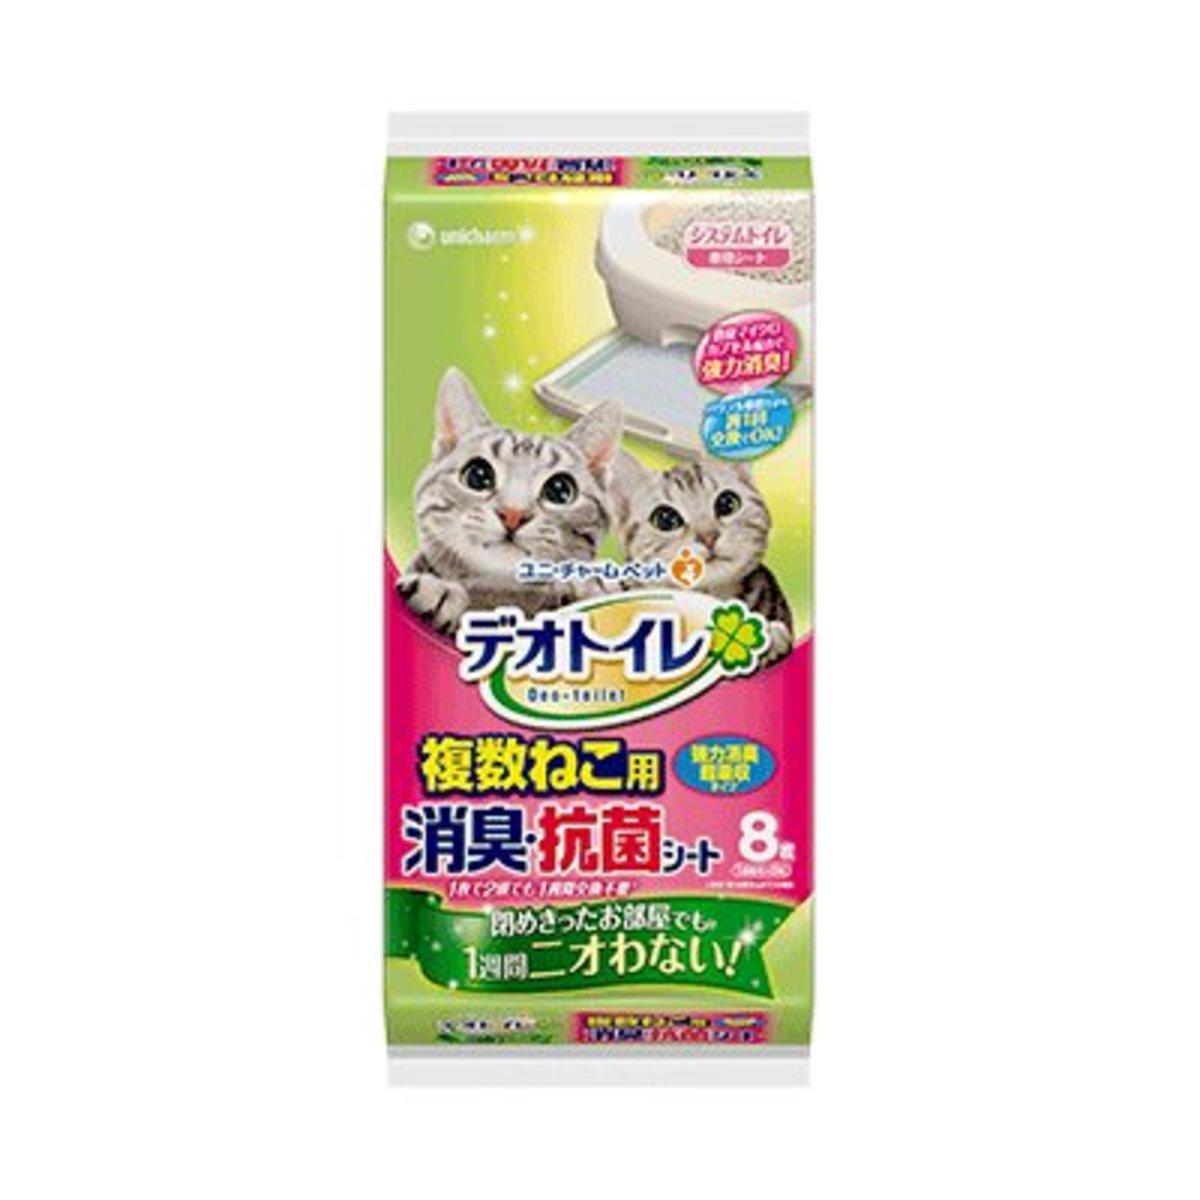 多貓型消臭抗菌貓砂盆尿墊8片 x4